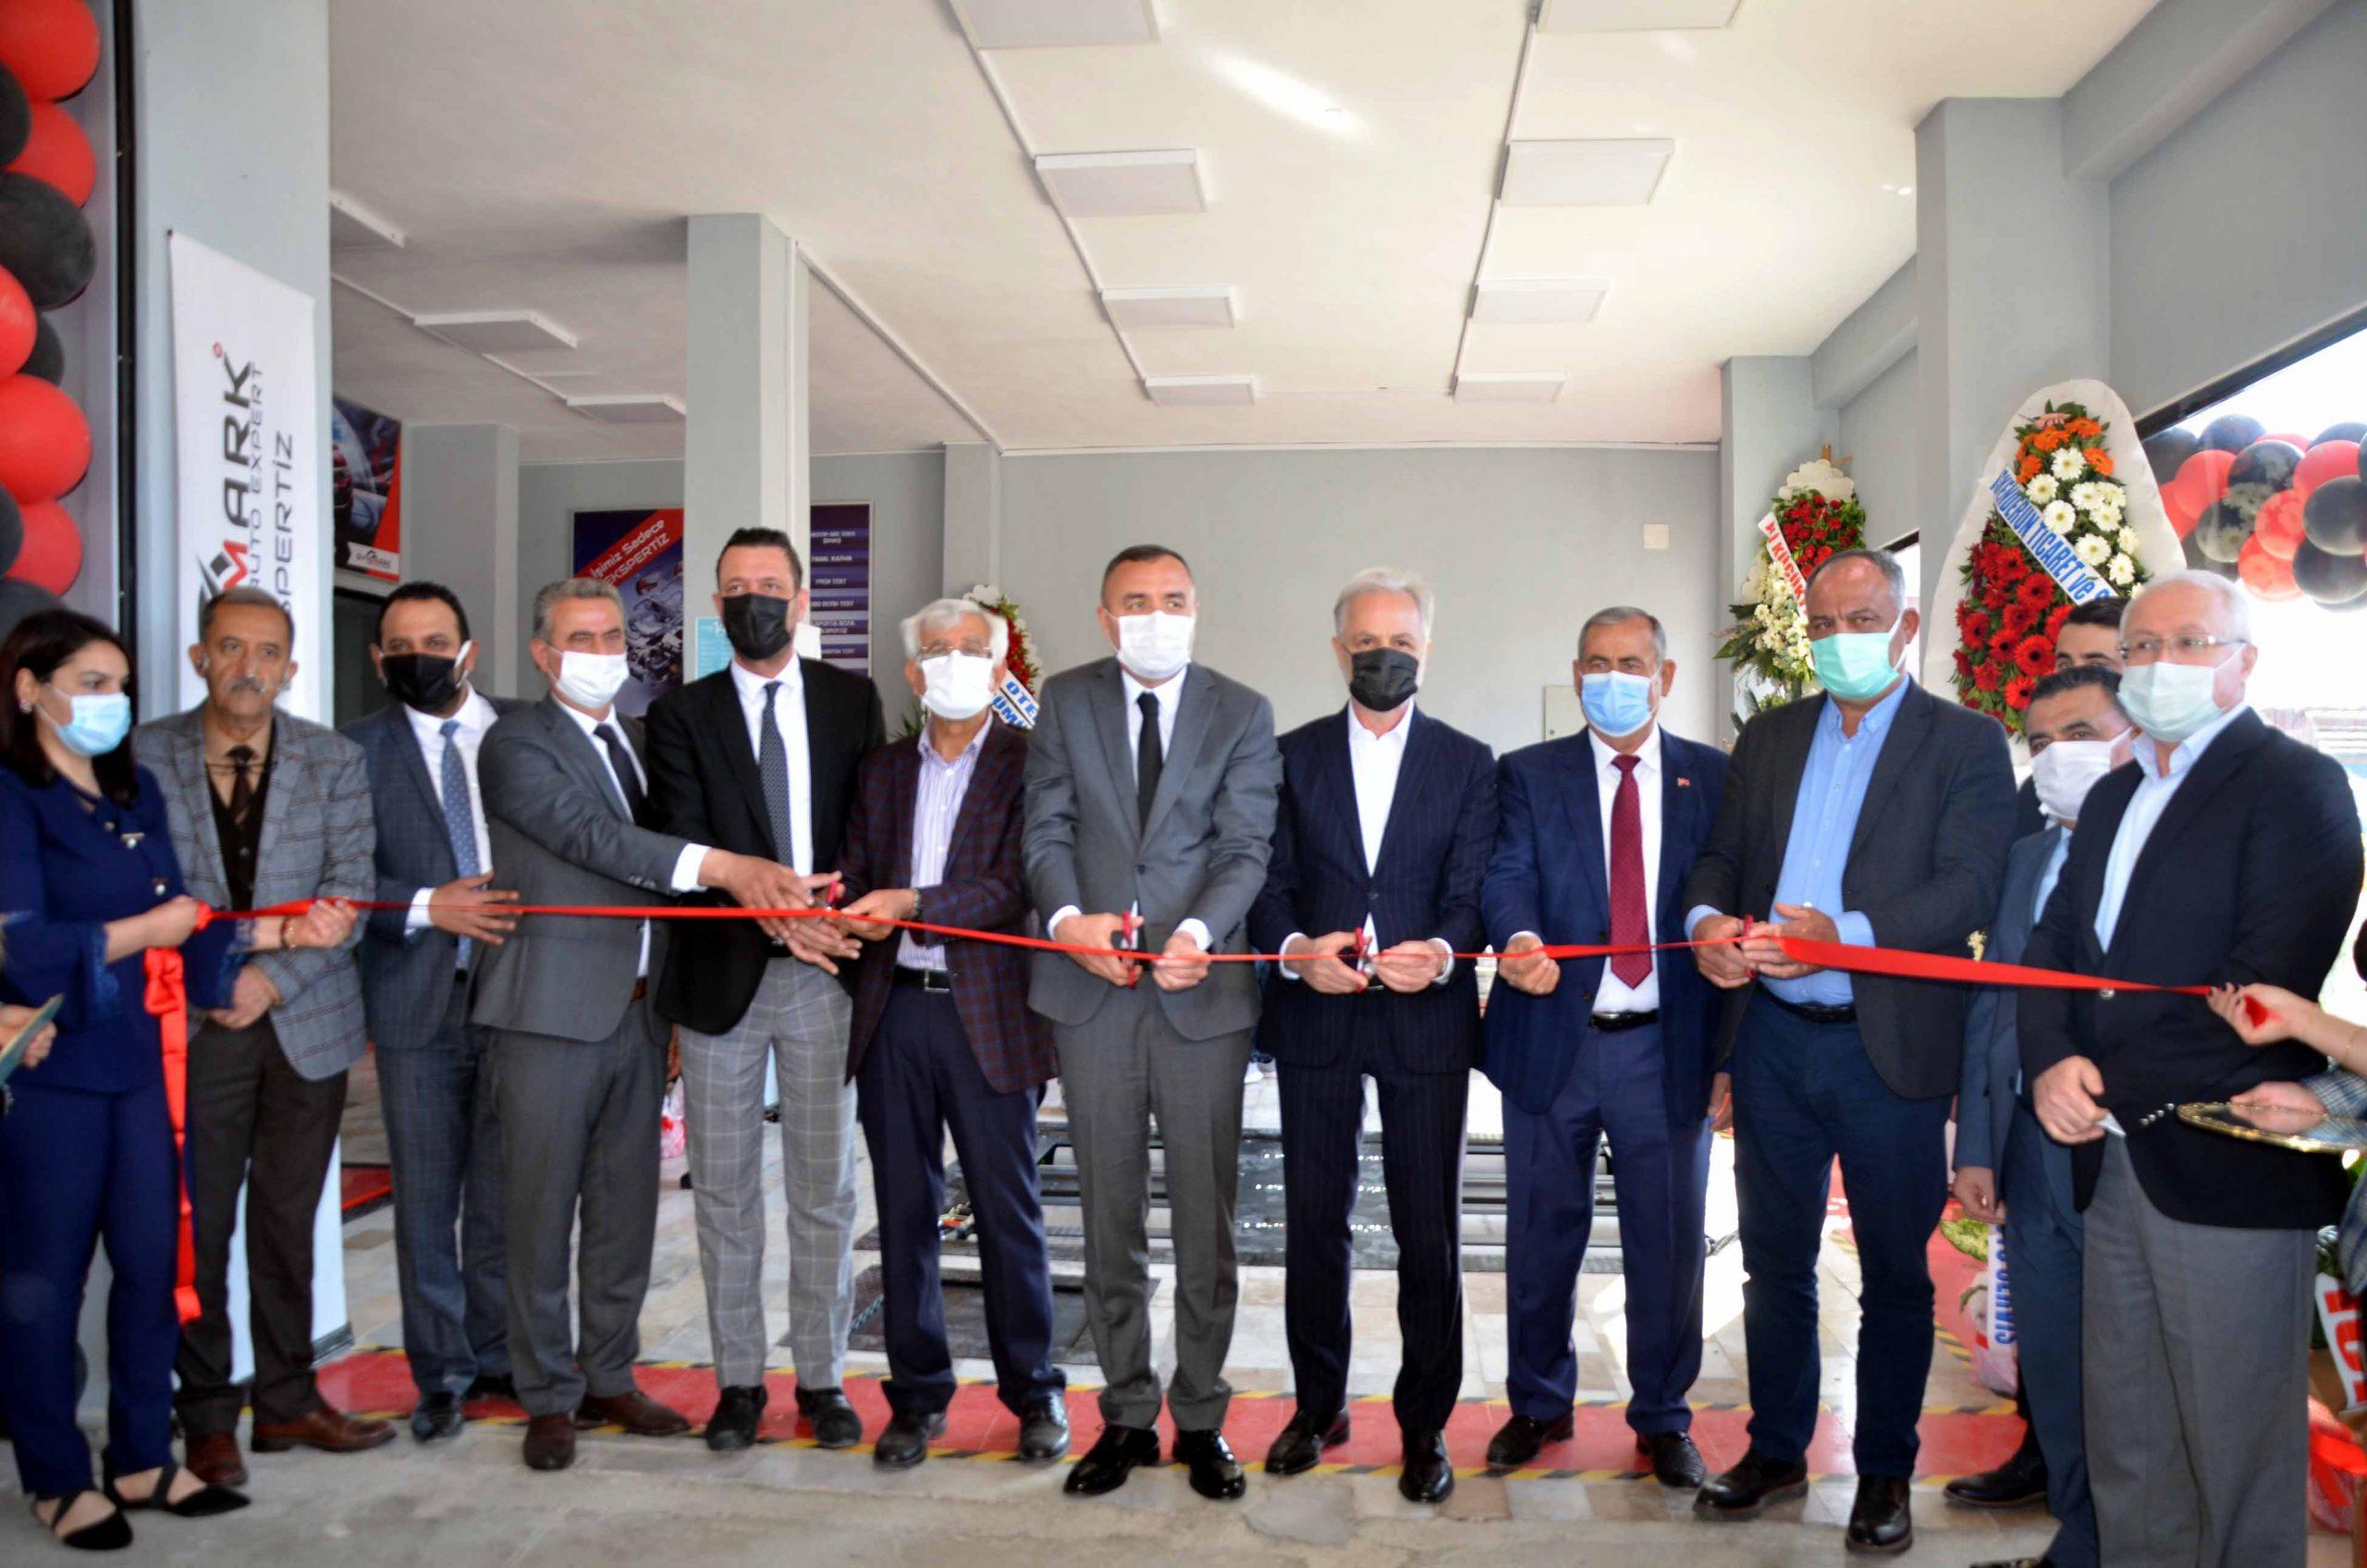 İTSO Yönetim Kurulu Üyeleri Dynomark Auto Ekspertiz'in Açılışına katıldı